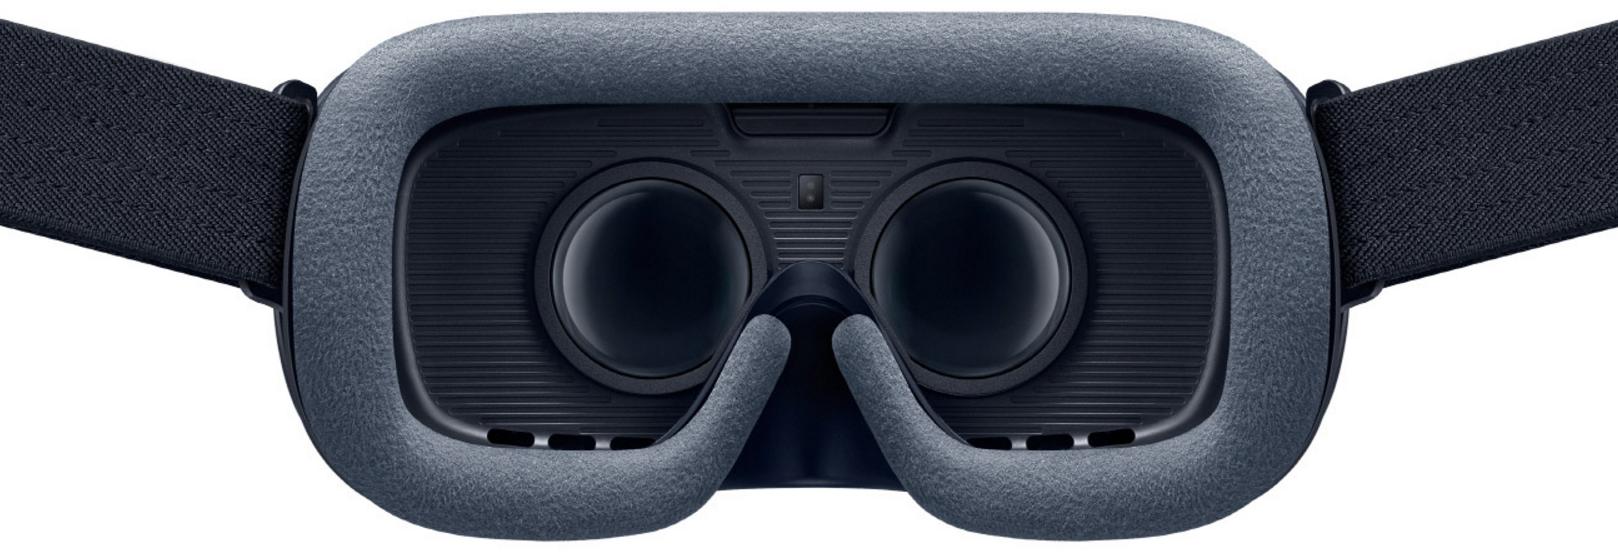 Samsung Galaxy Gear VR 2